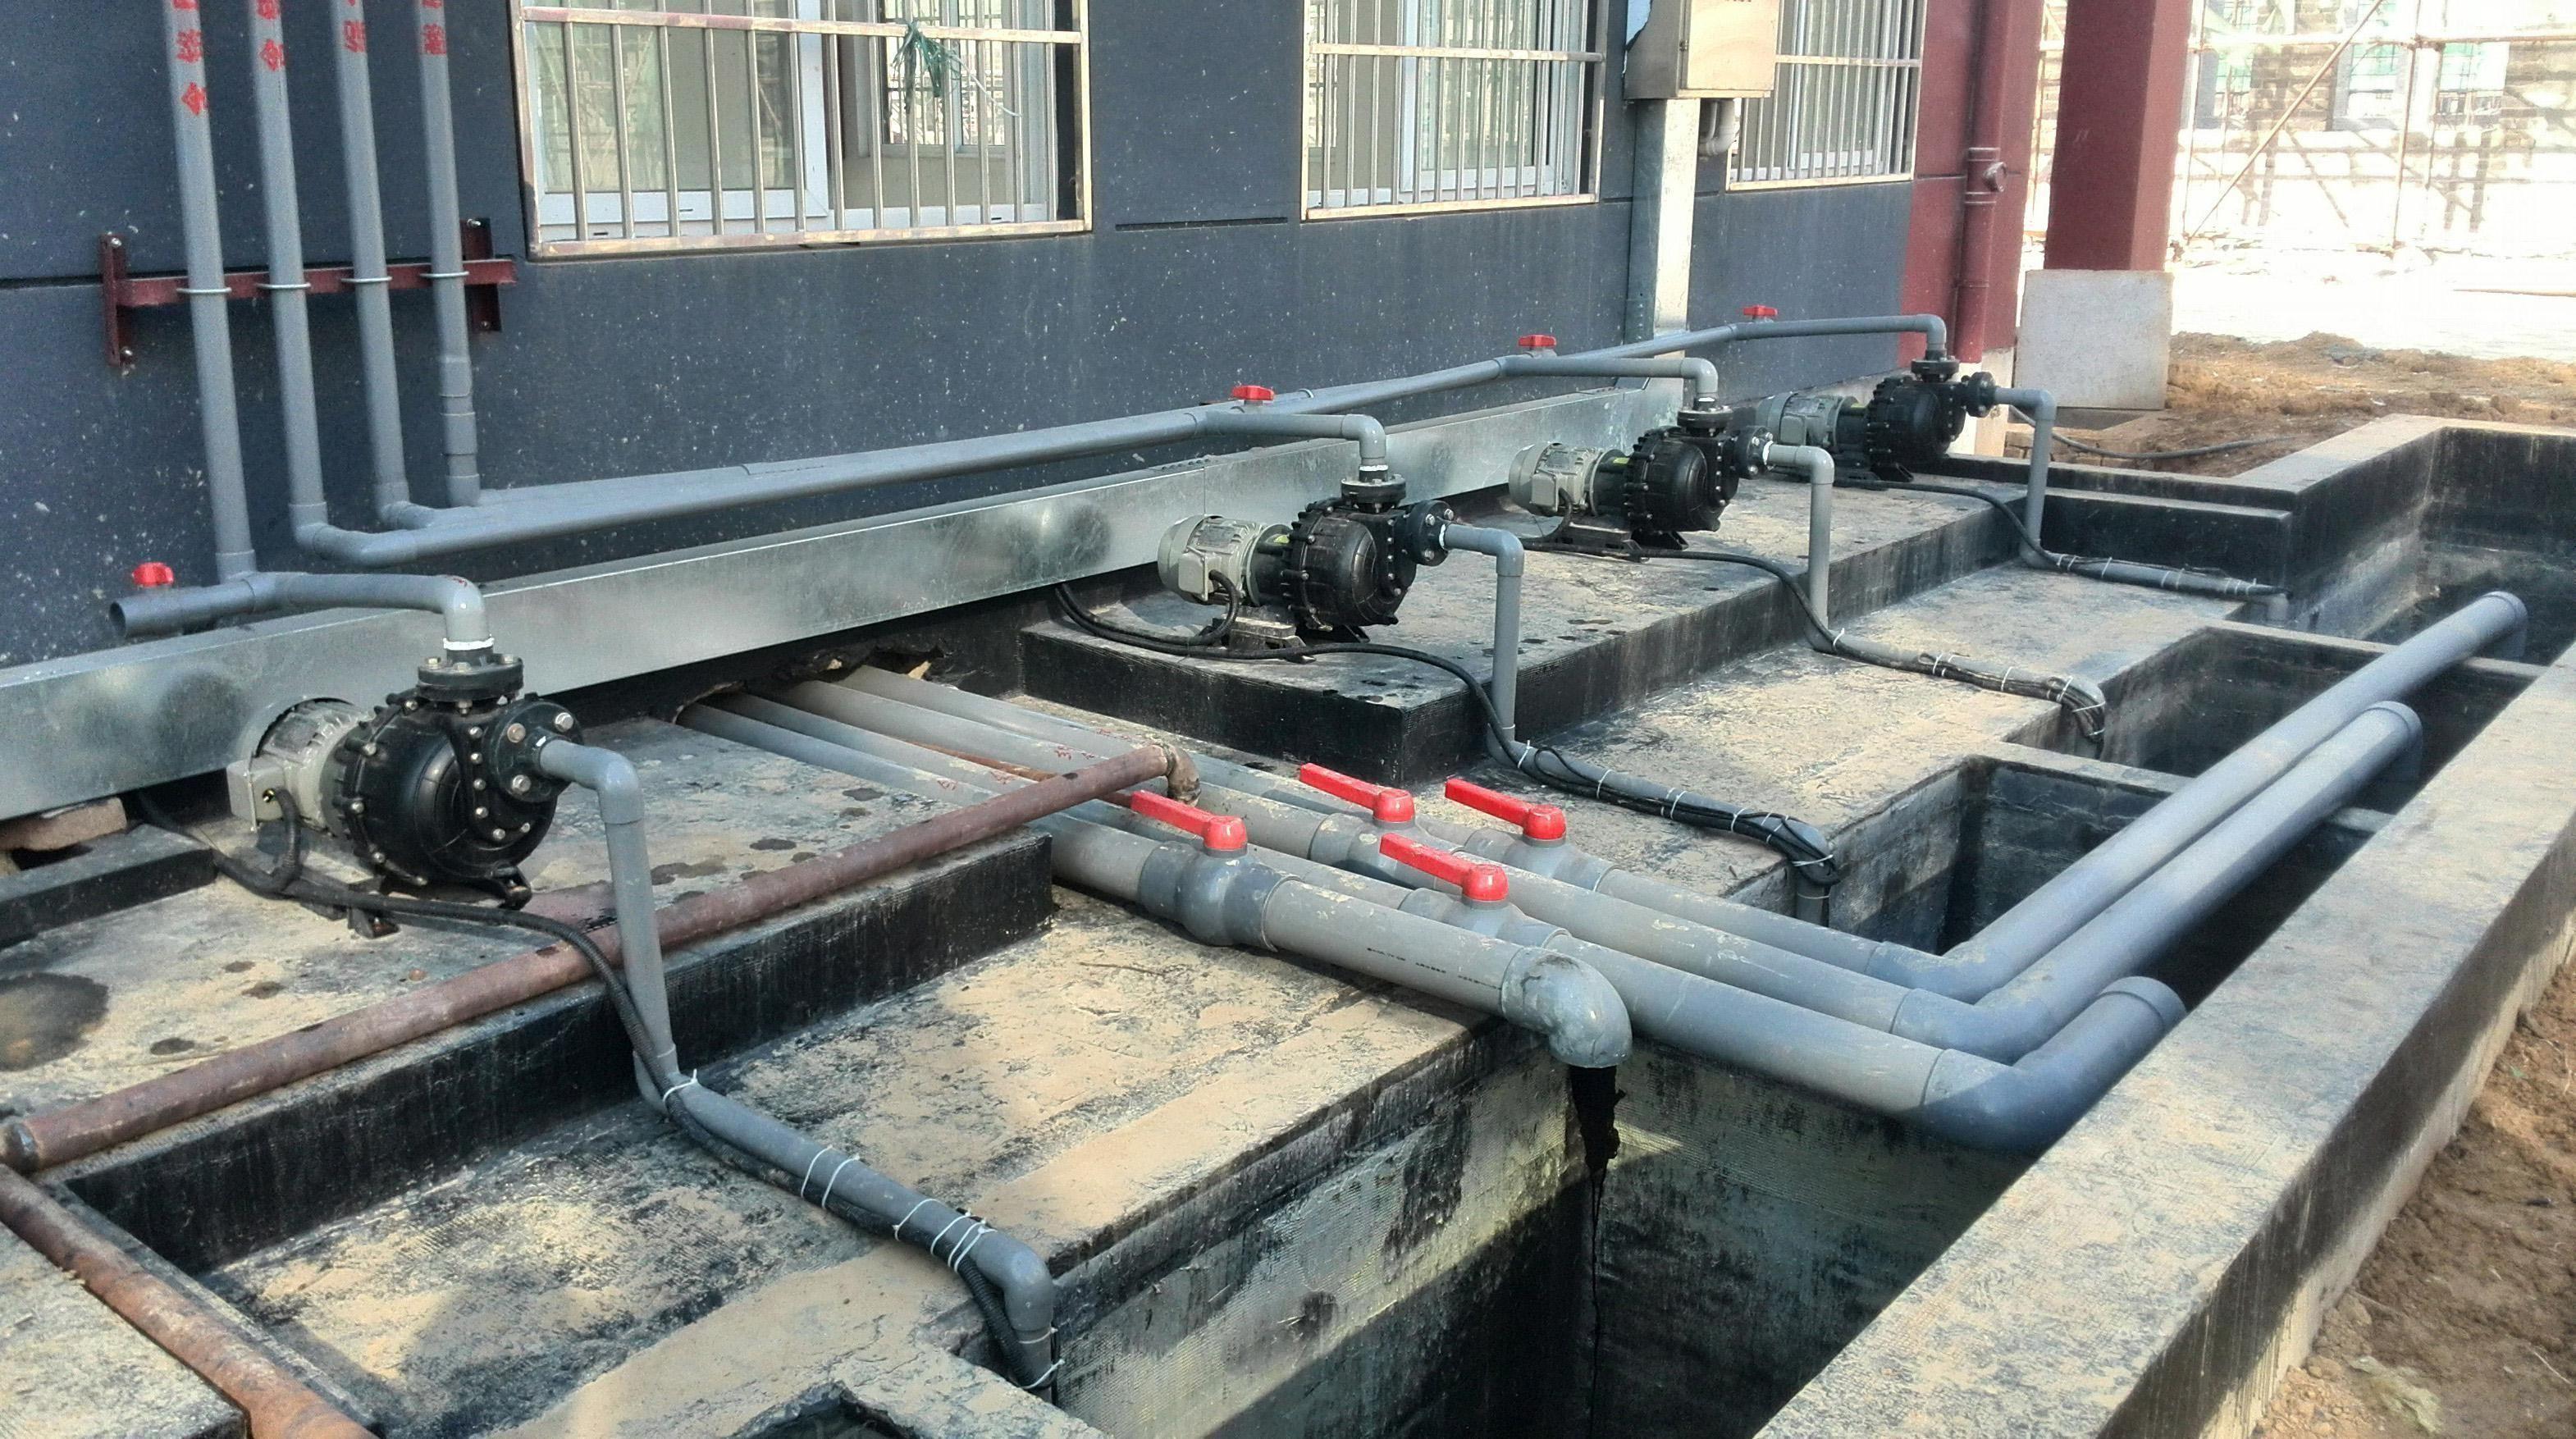 国宝污水处理泵的铁粉都是那些人?看看就知道